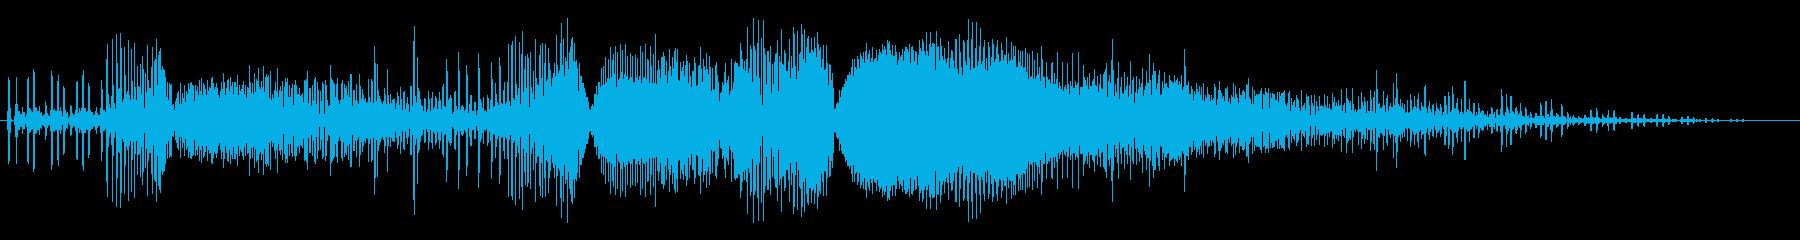 【バイク】ド迫力のアクセル,ふかす01の再生済みの波形